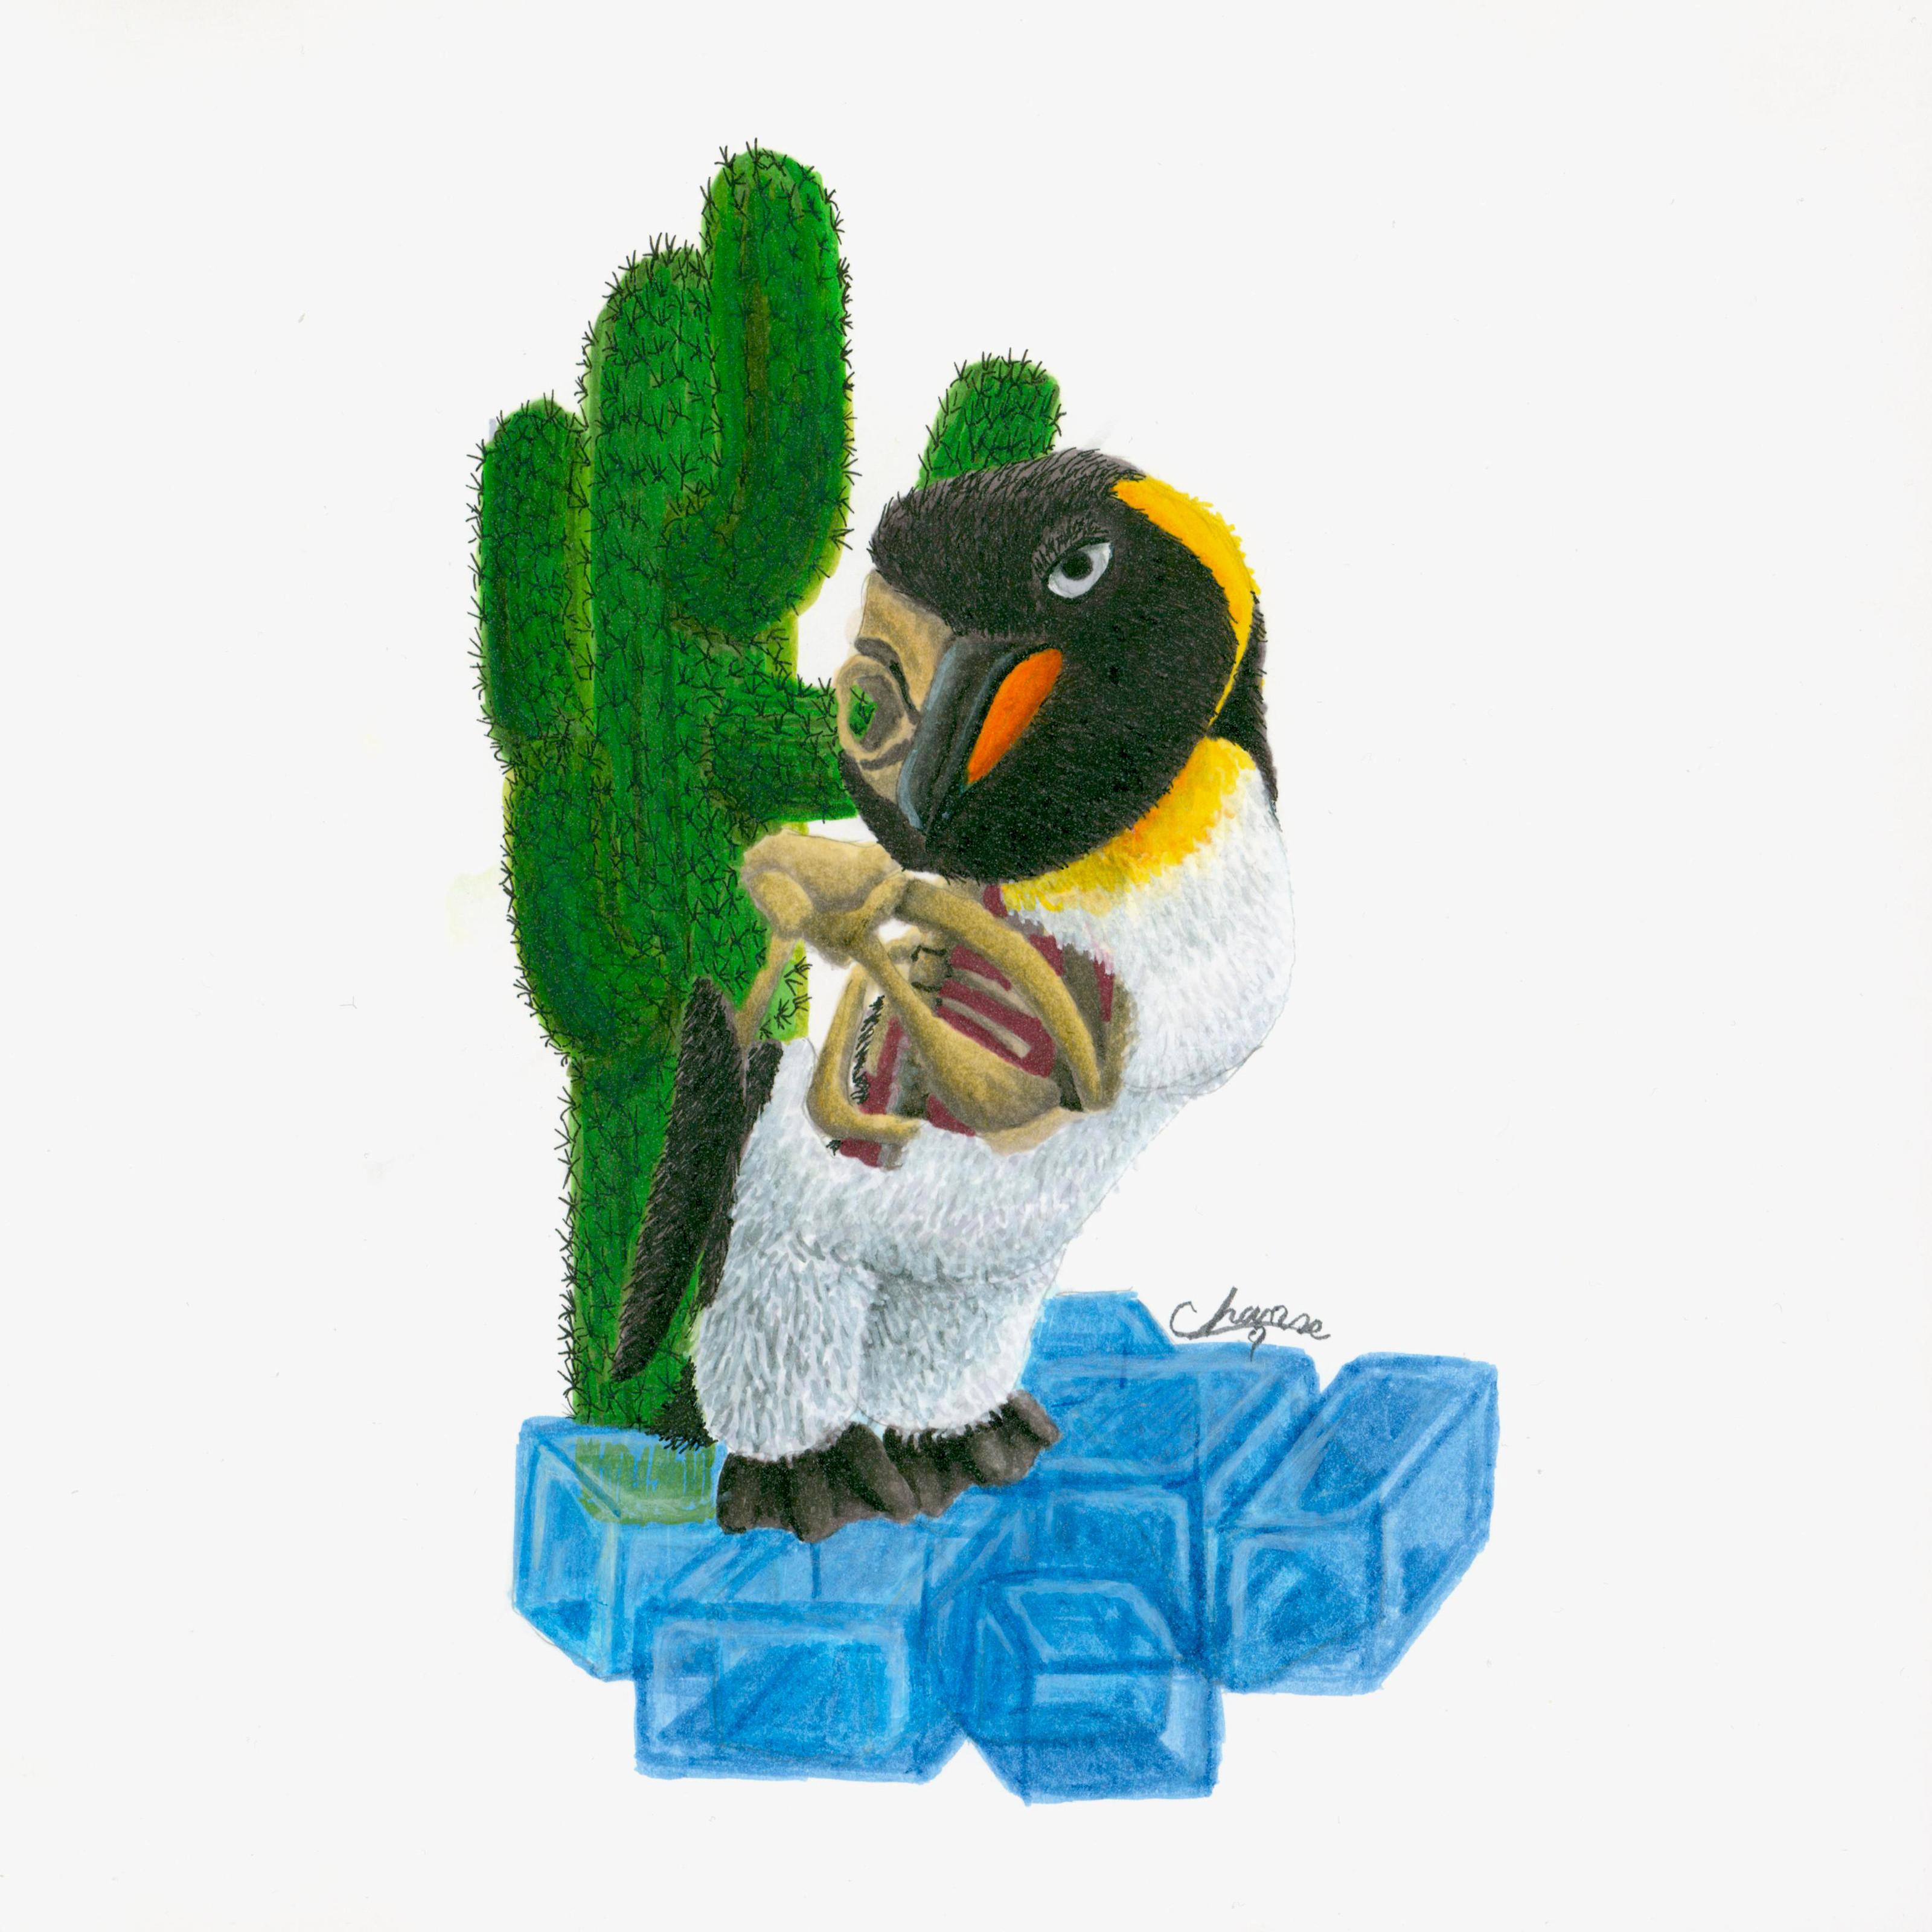 the Painguin